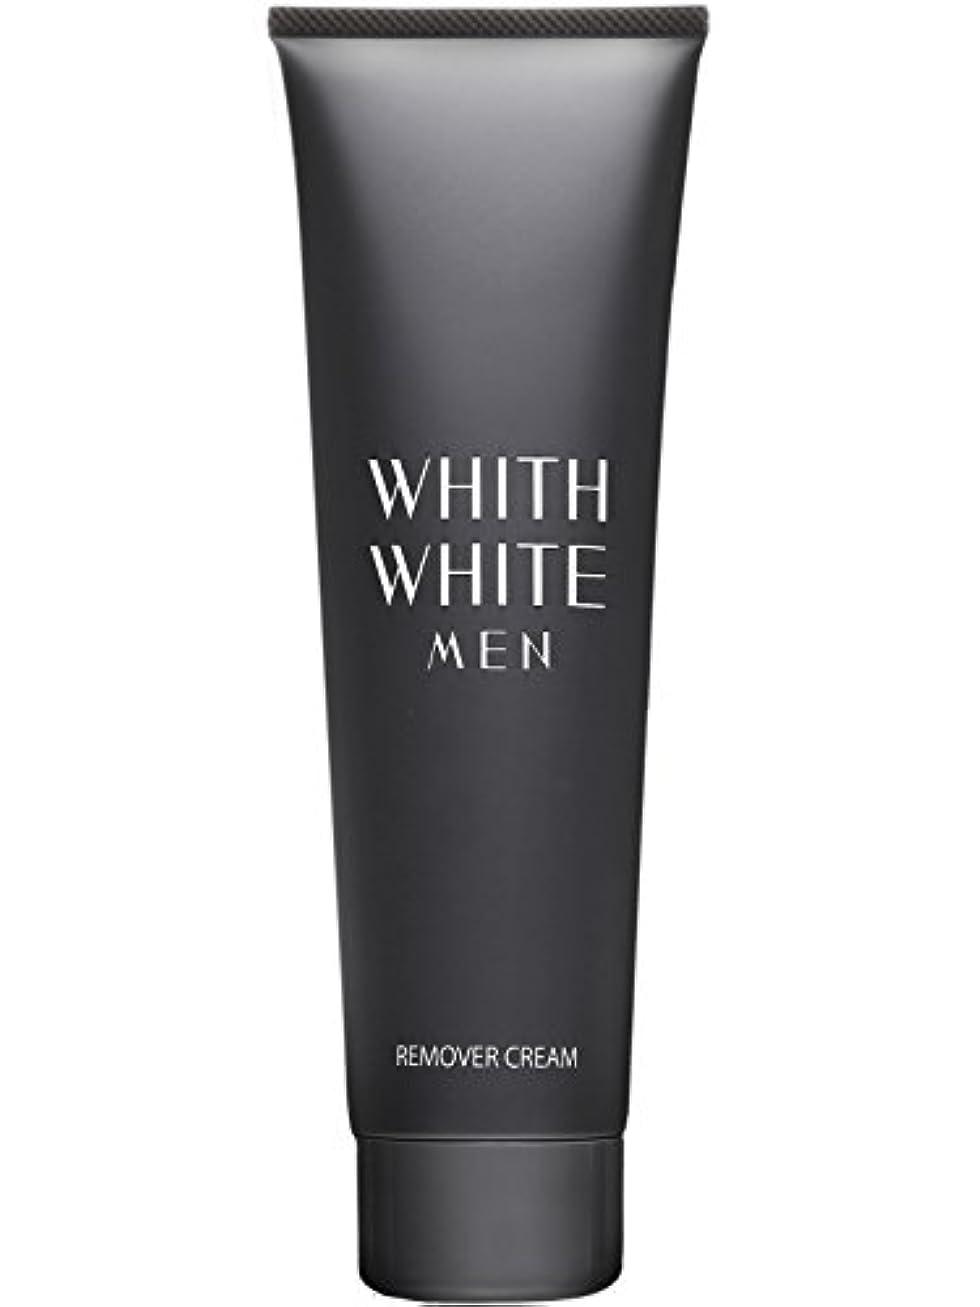 クスココミット彼は医薬部外品 フィス ホワイト メンズ 除毛クリーム リムーバークリーム 陰部 使用可能 210g